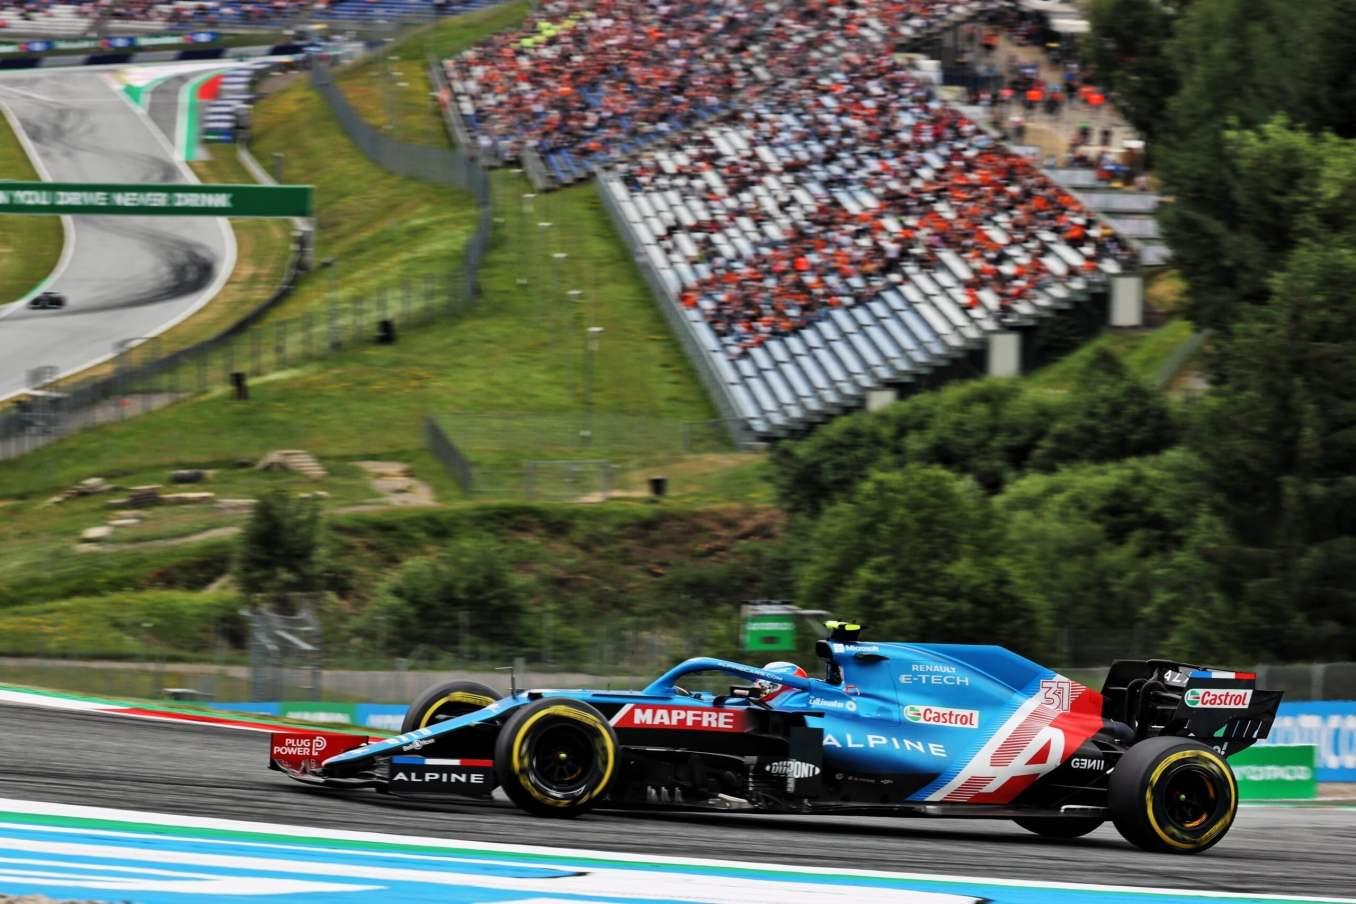 Alpine F1 Alonso Ocon A521 GP Autriche Spielberg 2021 23 scaled | Alpine F1 : Alonso rapporte un point au Grand-Prix d'Autriche